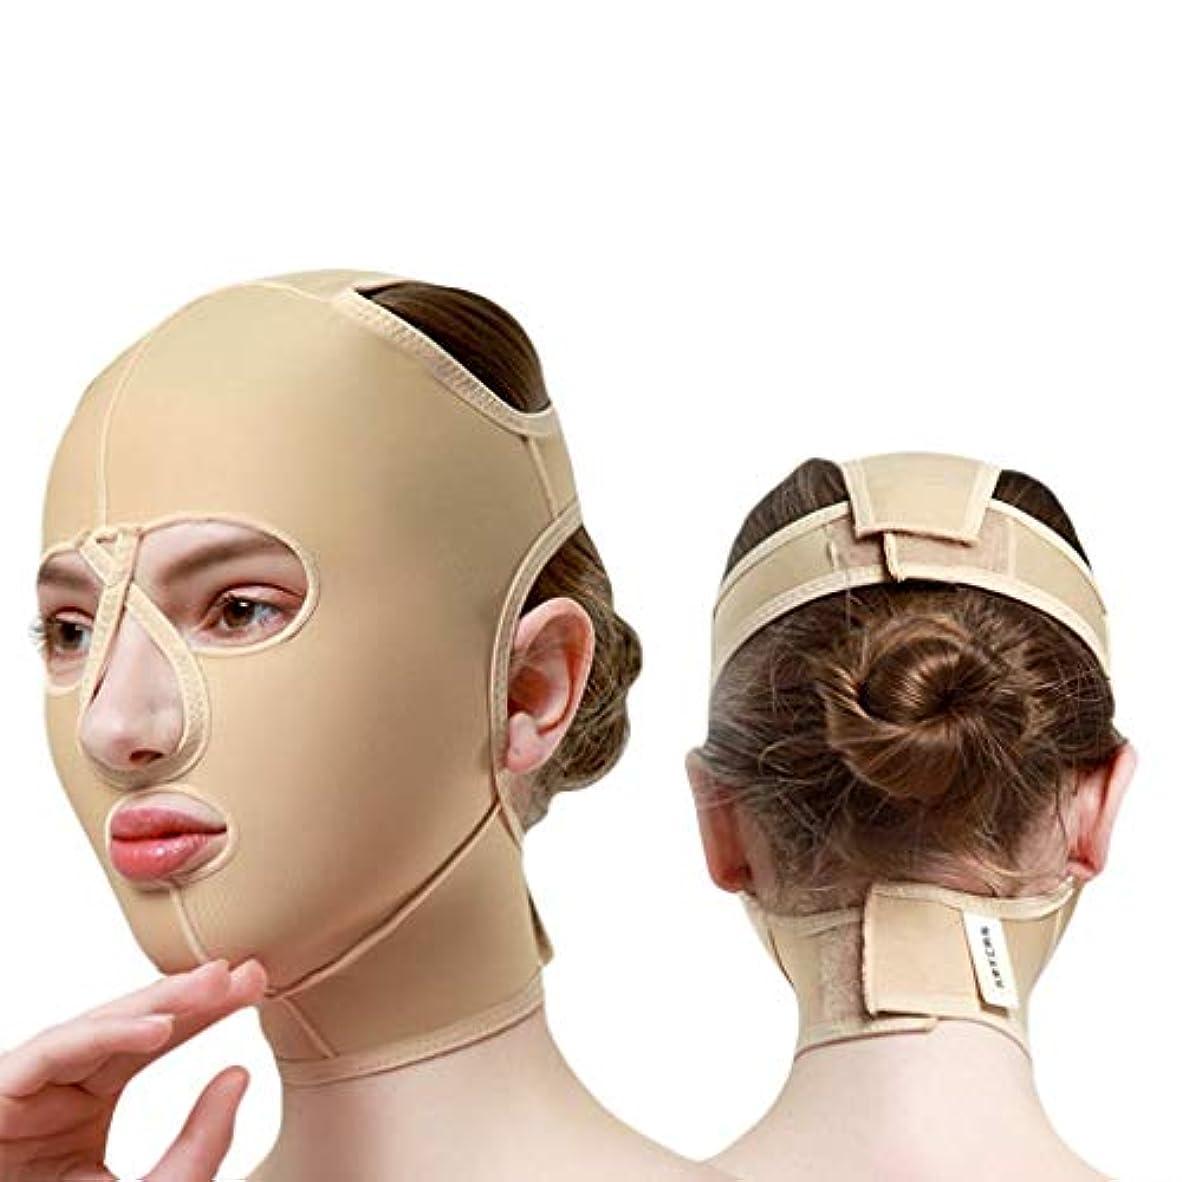 メロドラマ解き明かす国勢調査チンストラップ、顔彫りツール、リフティングマスク、ダブルチンリデューサー、フェイスリフティングエラスティックマスクメス(サイズ:M),XL